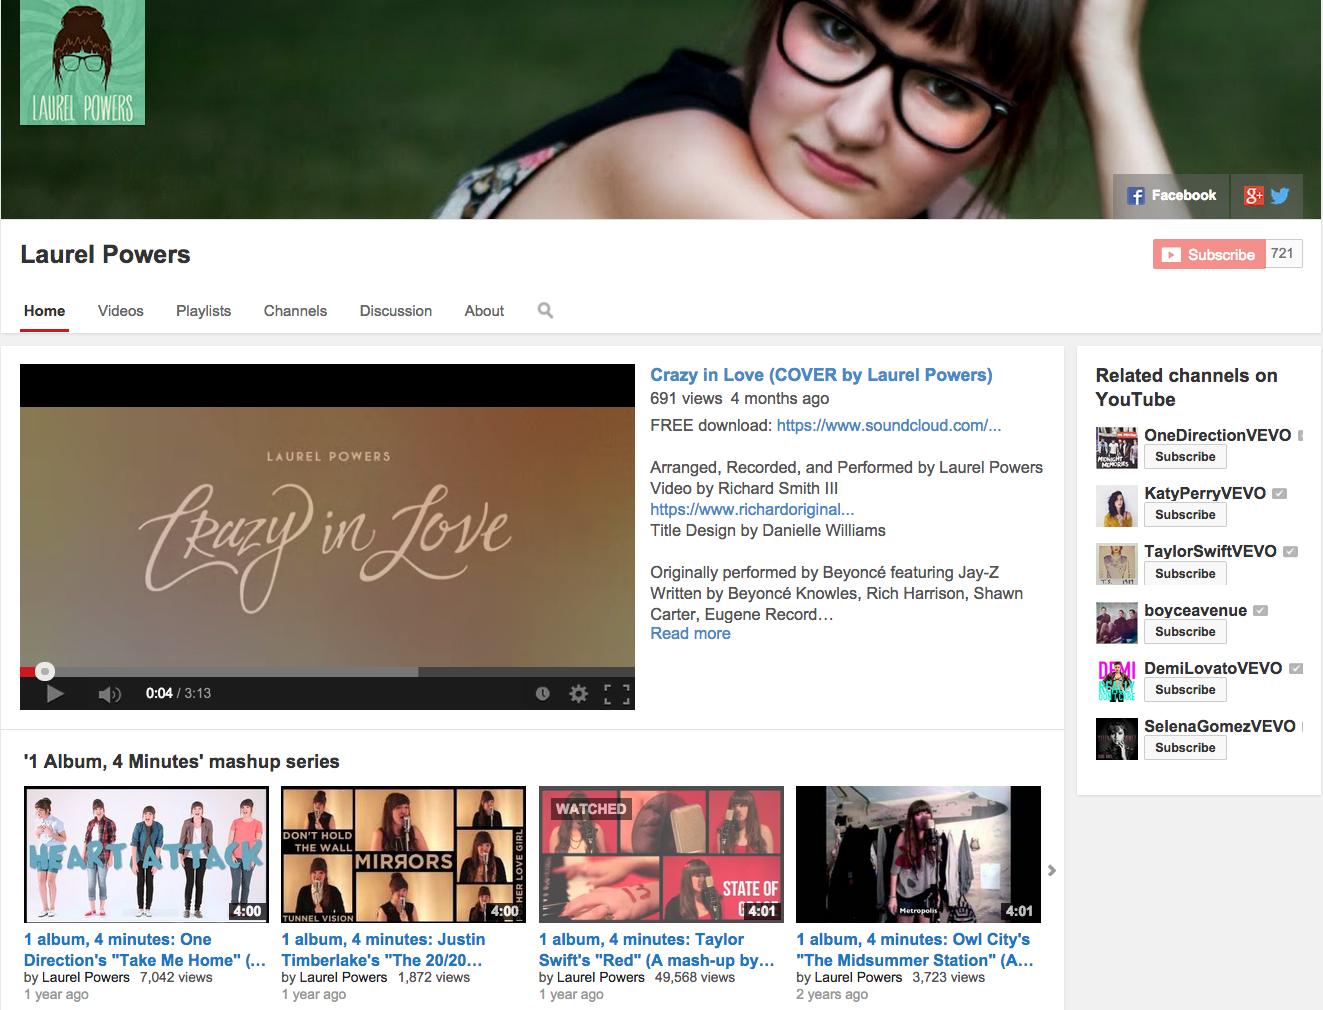 Screen shot 2014-09-10 at 11.43.18 PM.png